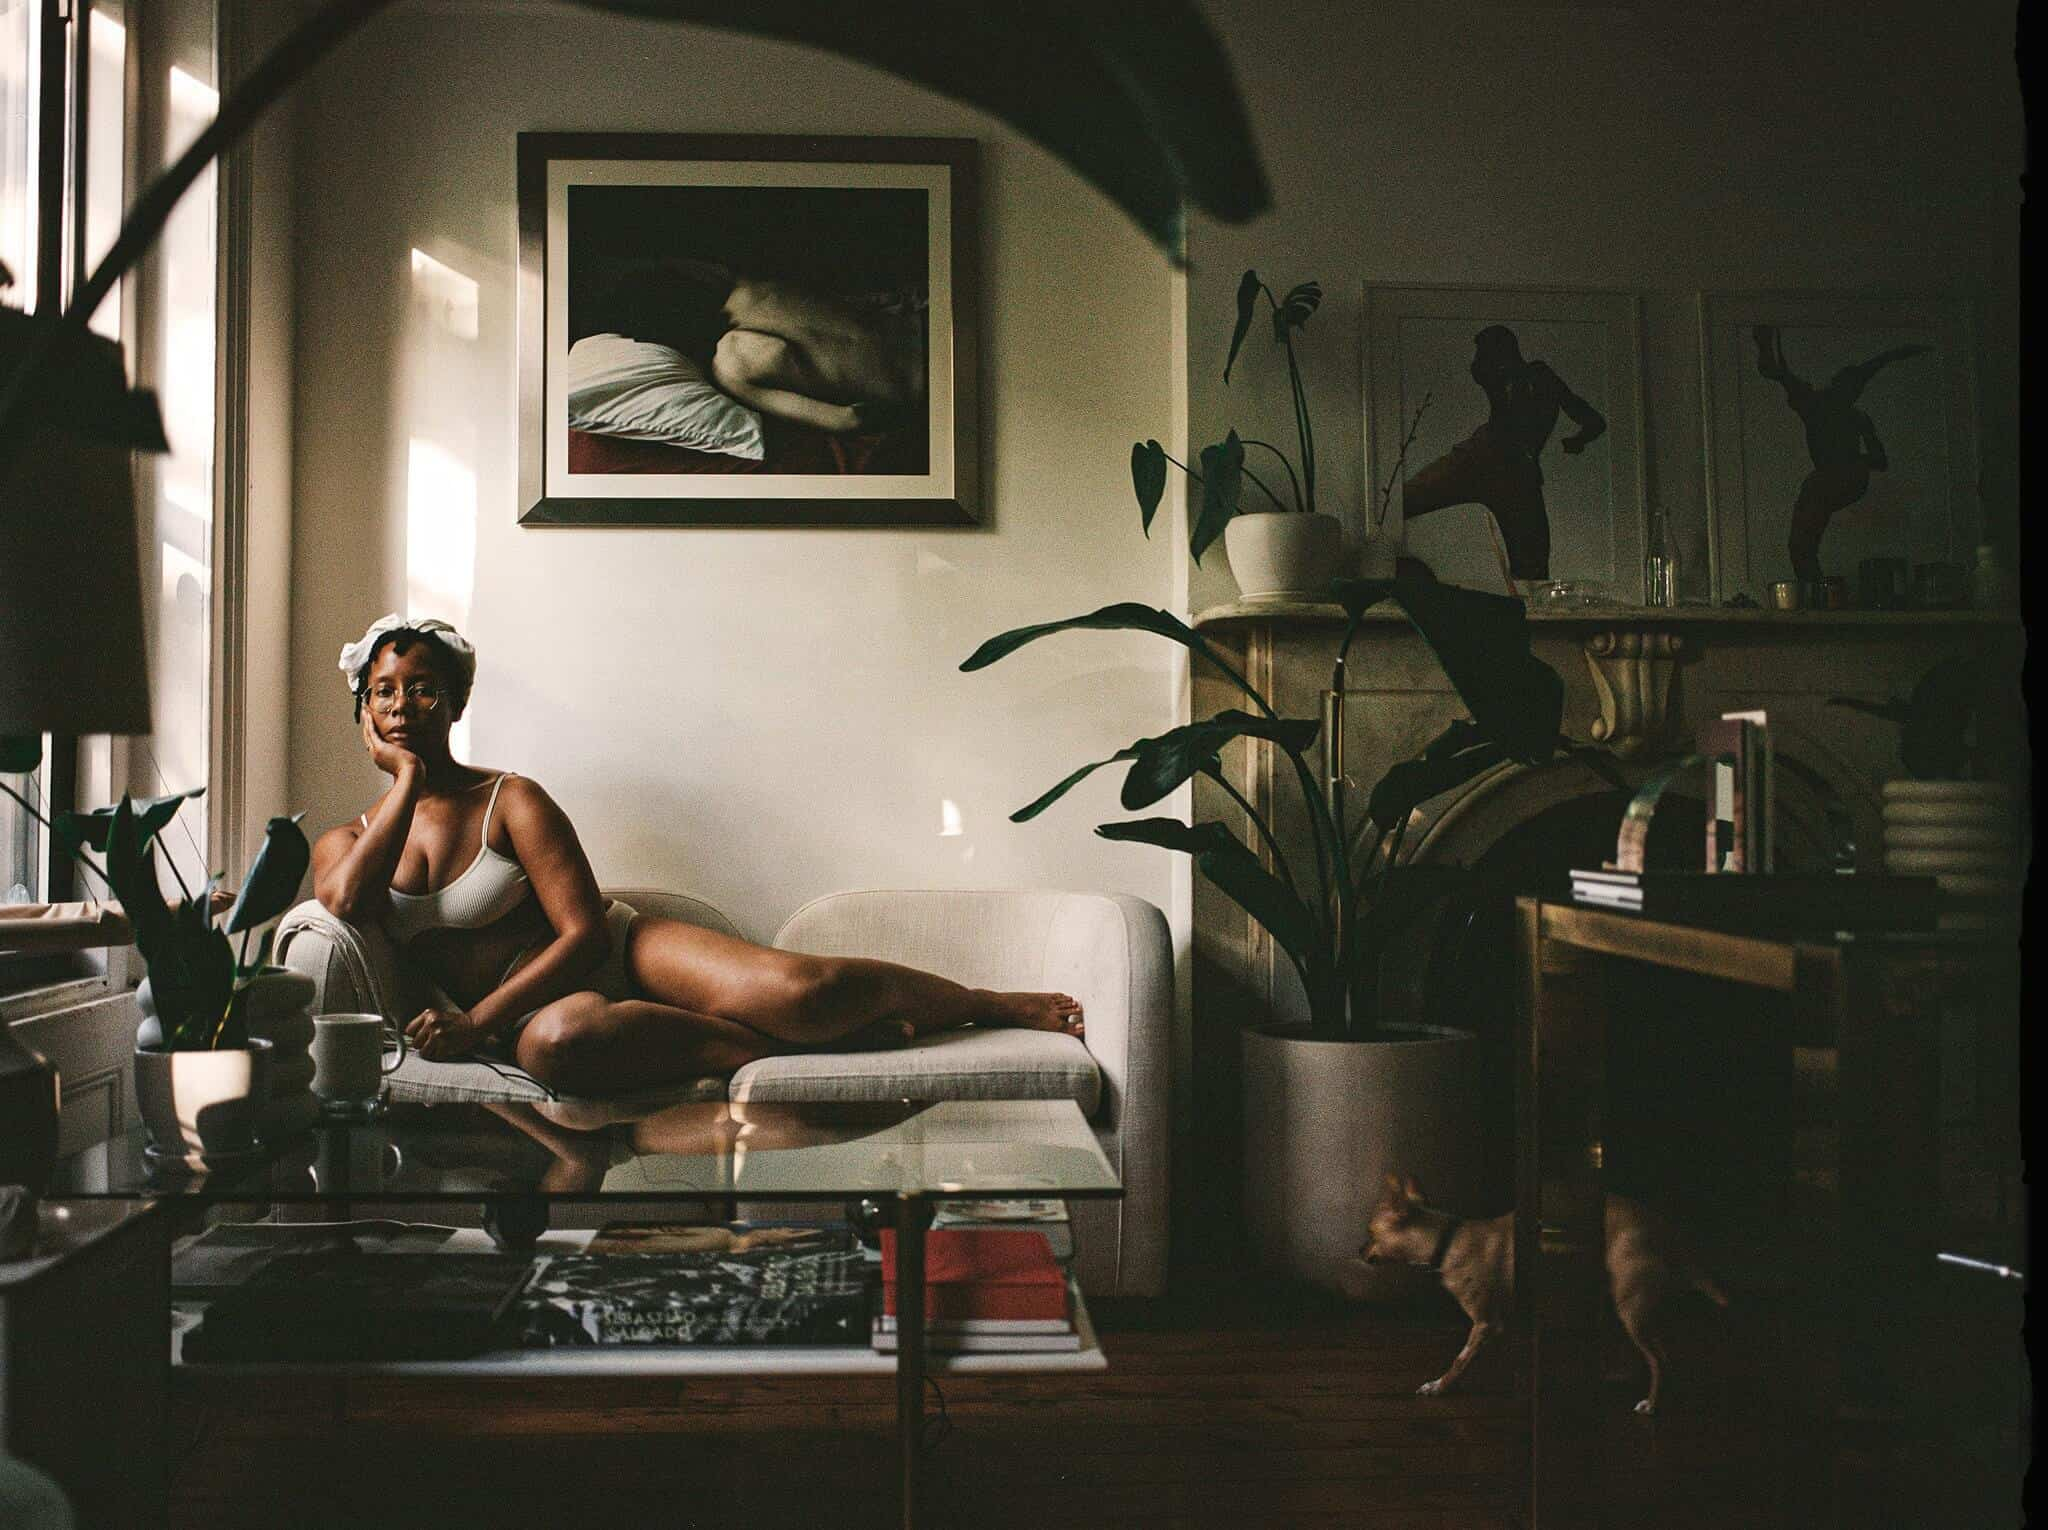 """La fotografa Dana Scruggs a casa. Il suo autoritratto fa parte della collezione """"Fonti di autostima: autoritratti di fotografi neri che riflettono sull'America"""". Credito ... Dana Scruggs per il New York Times"""